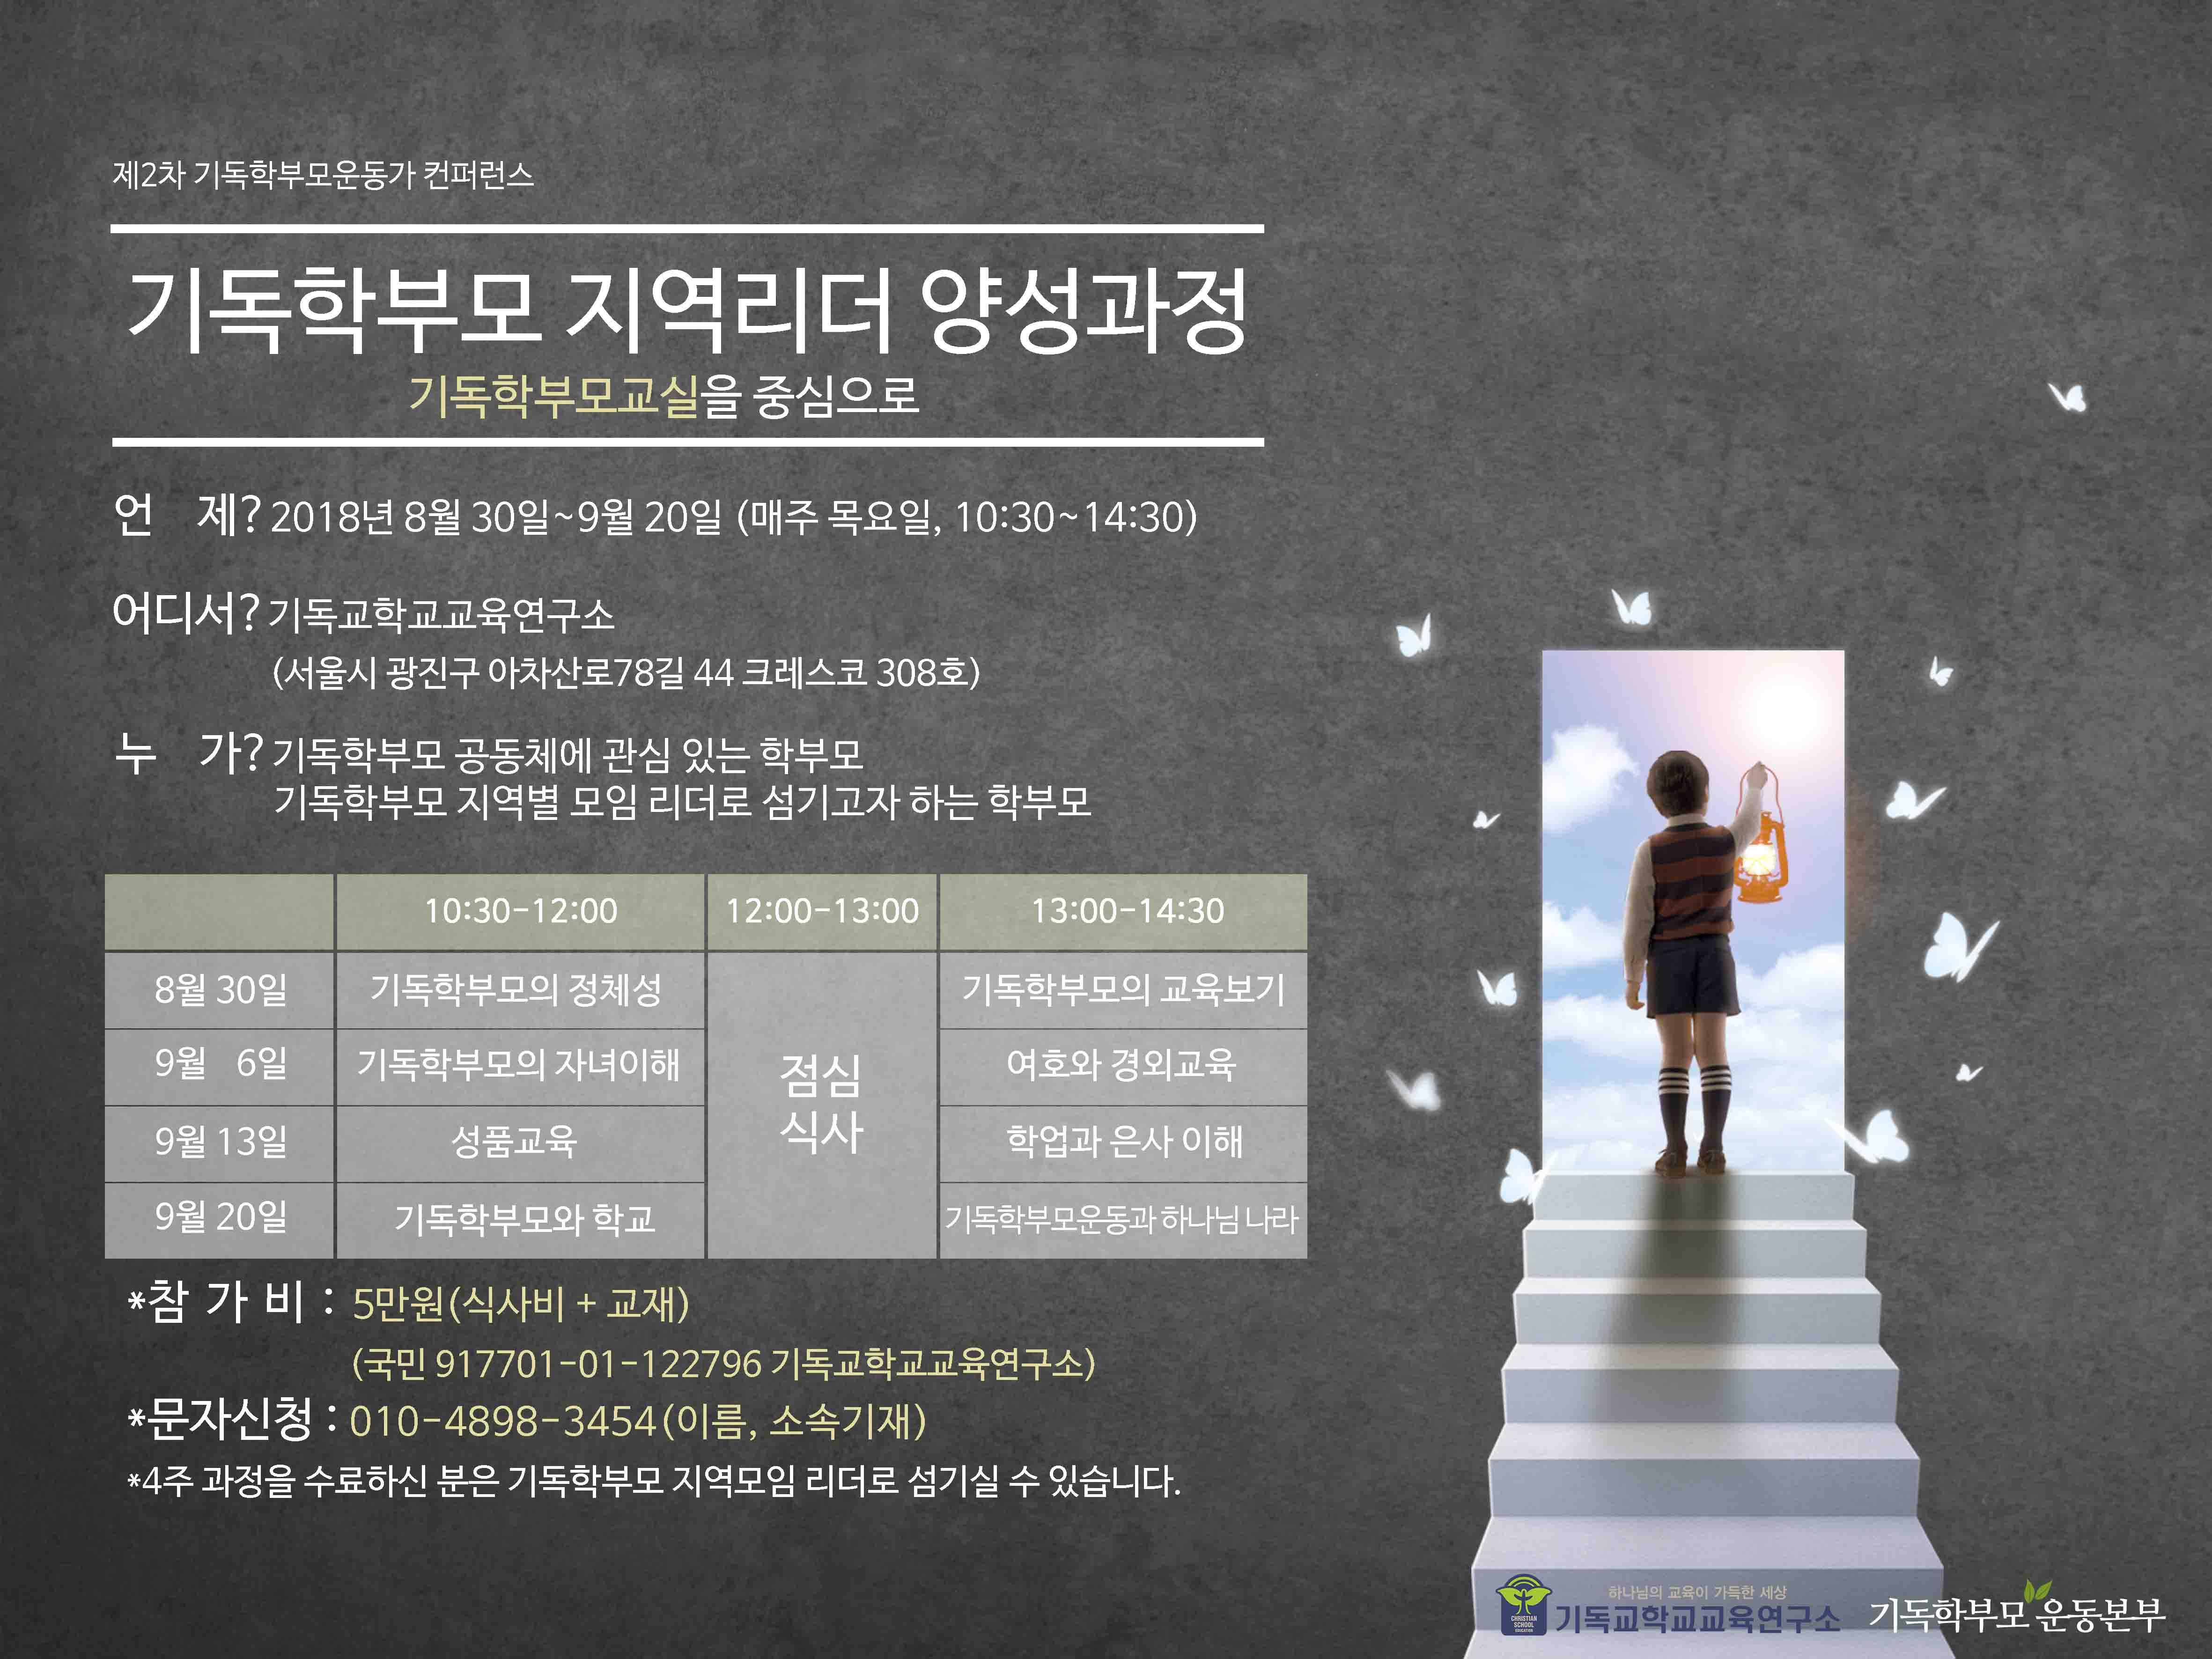 2차 운동가 컨퍼런스_수정.jpg